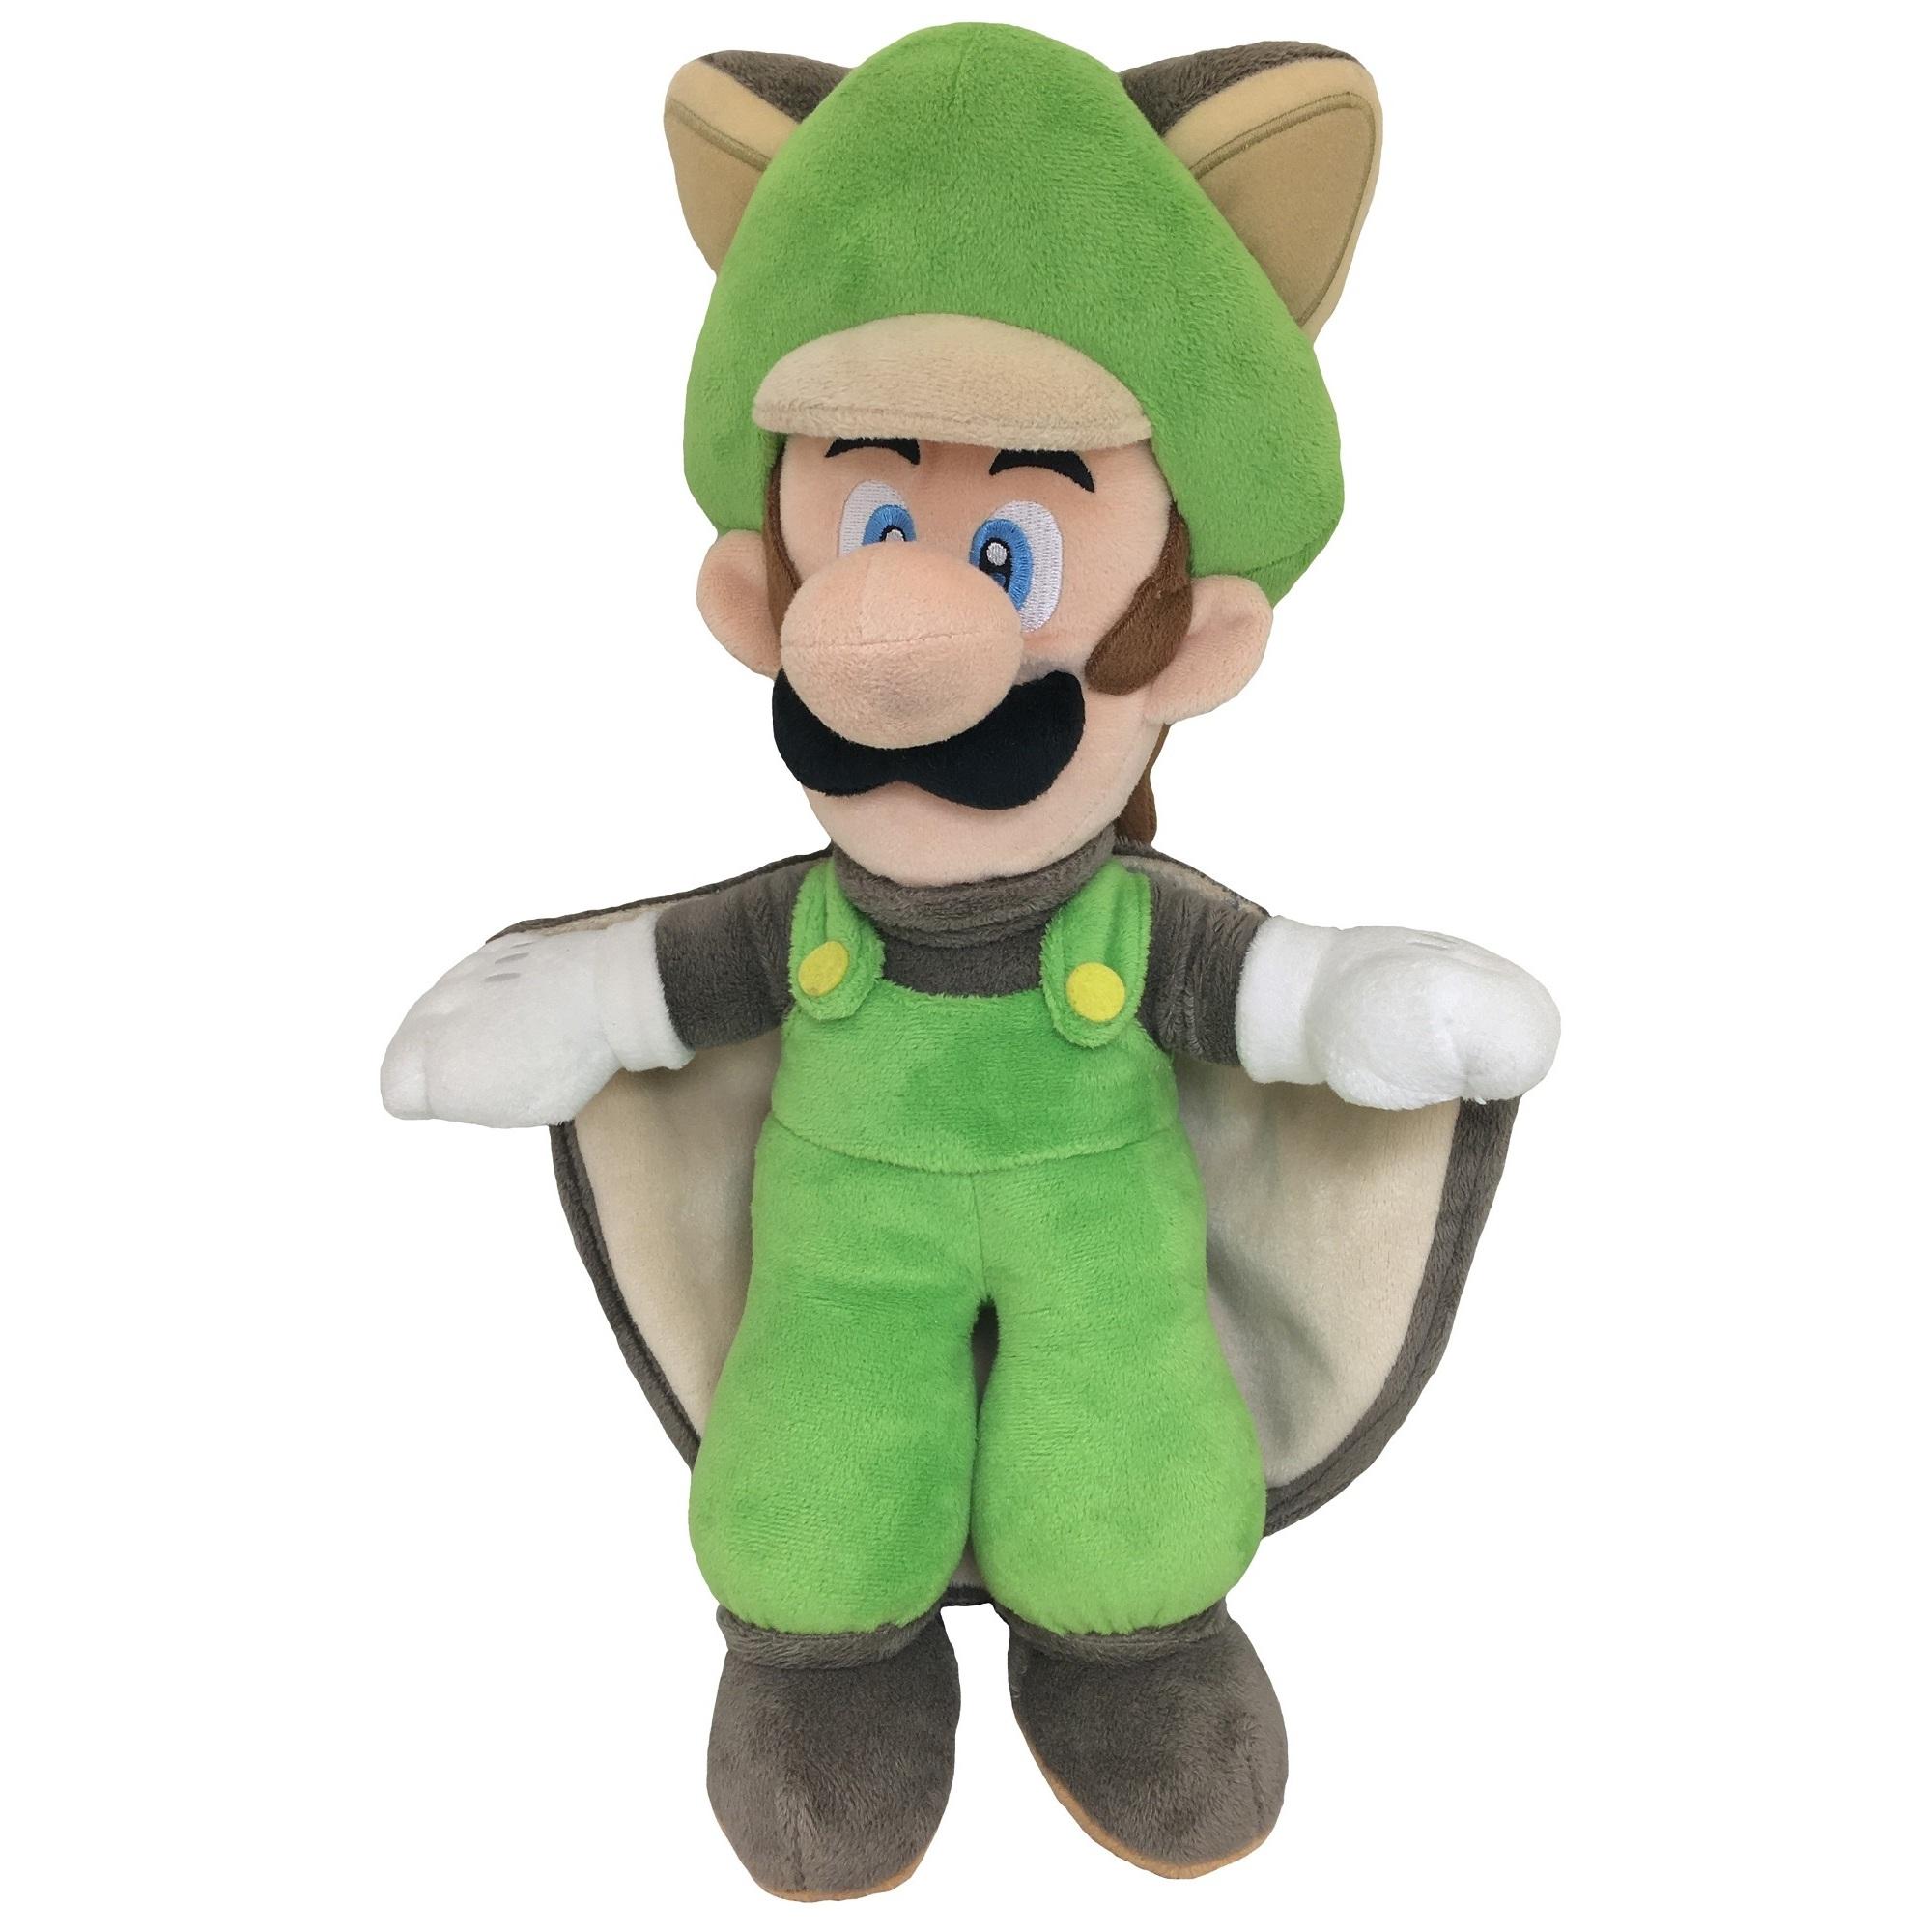 Flying Squirrel (Musasabi) Luigi Official New Super Mario Bros. U Plush (1)